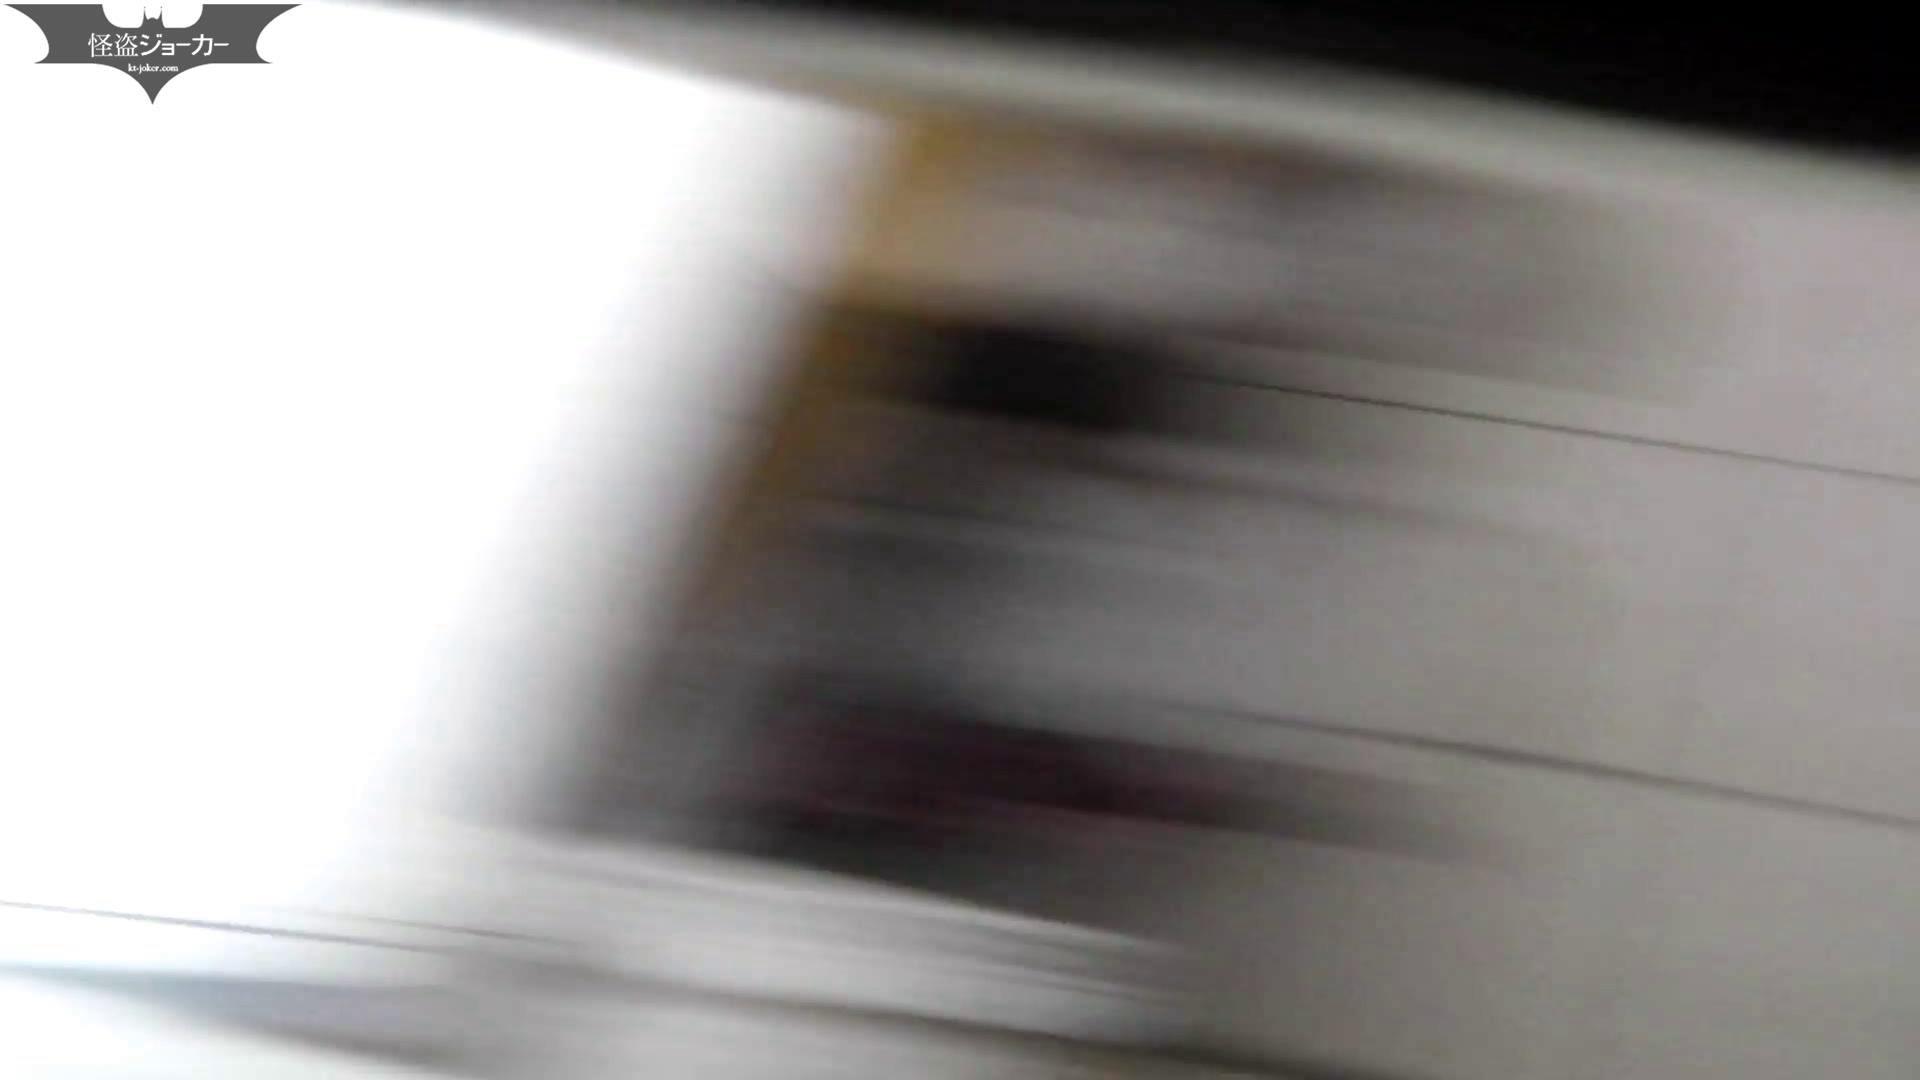 トイレ盗撮|世界の射窓から ステーション編 vol.22|怪盗ジョーカー